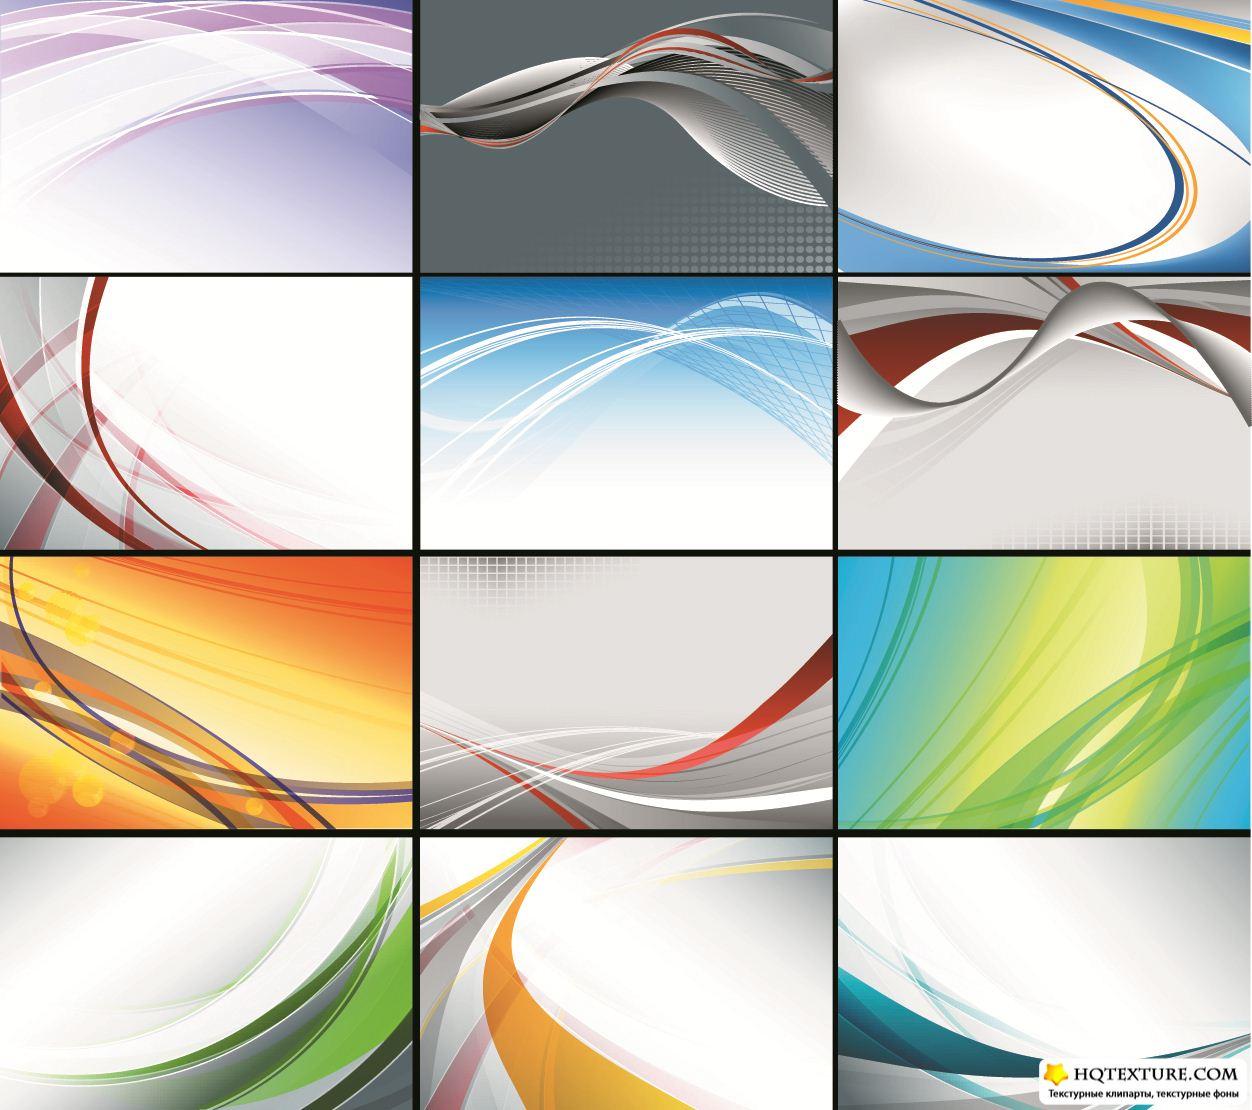 Business Cards Templates » Векторные клипарты, текстурные